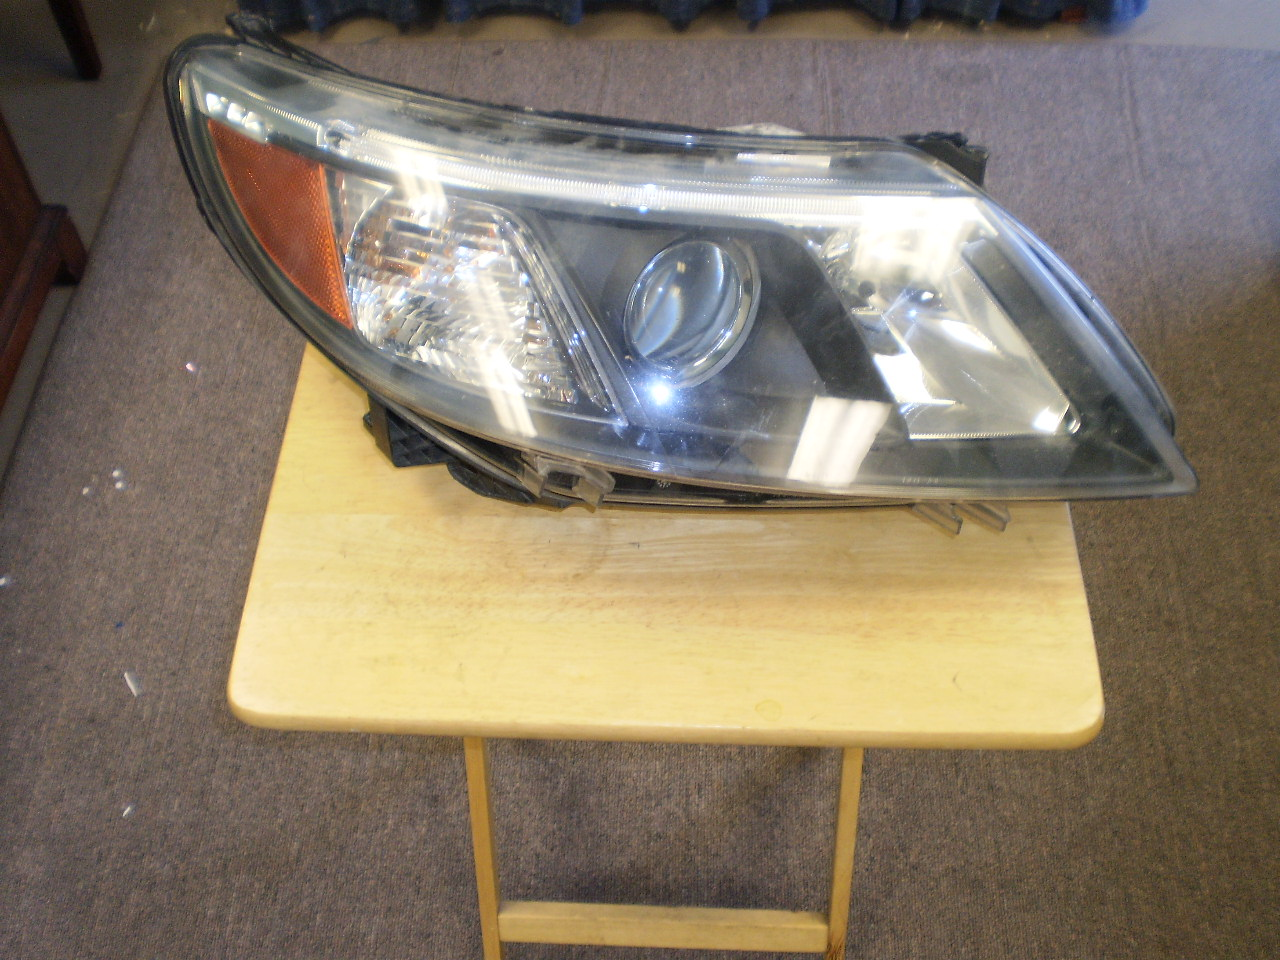 08-11 SAAB 9-3 HID Headlight  (P/R)